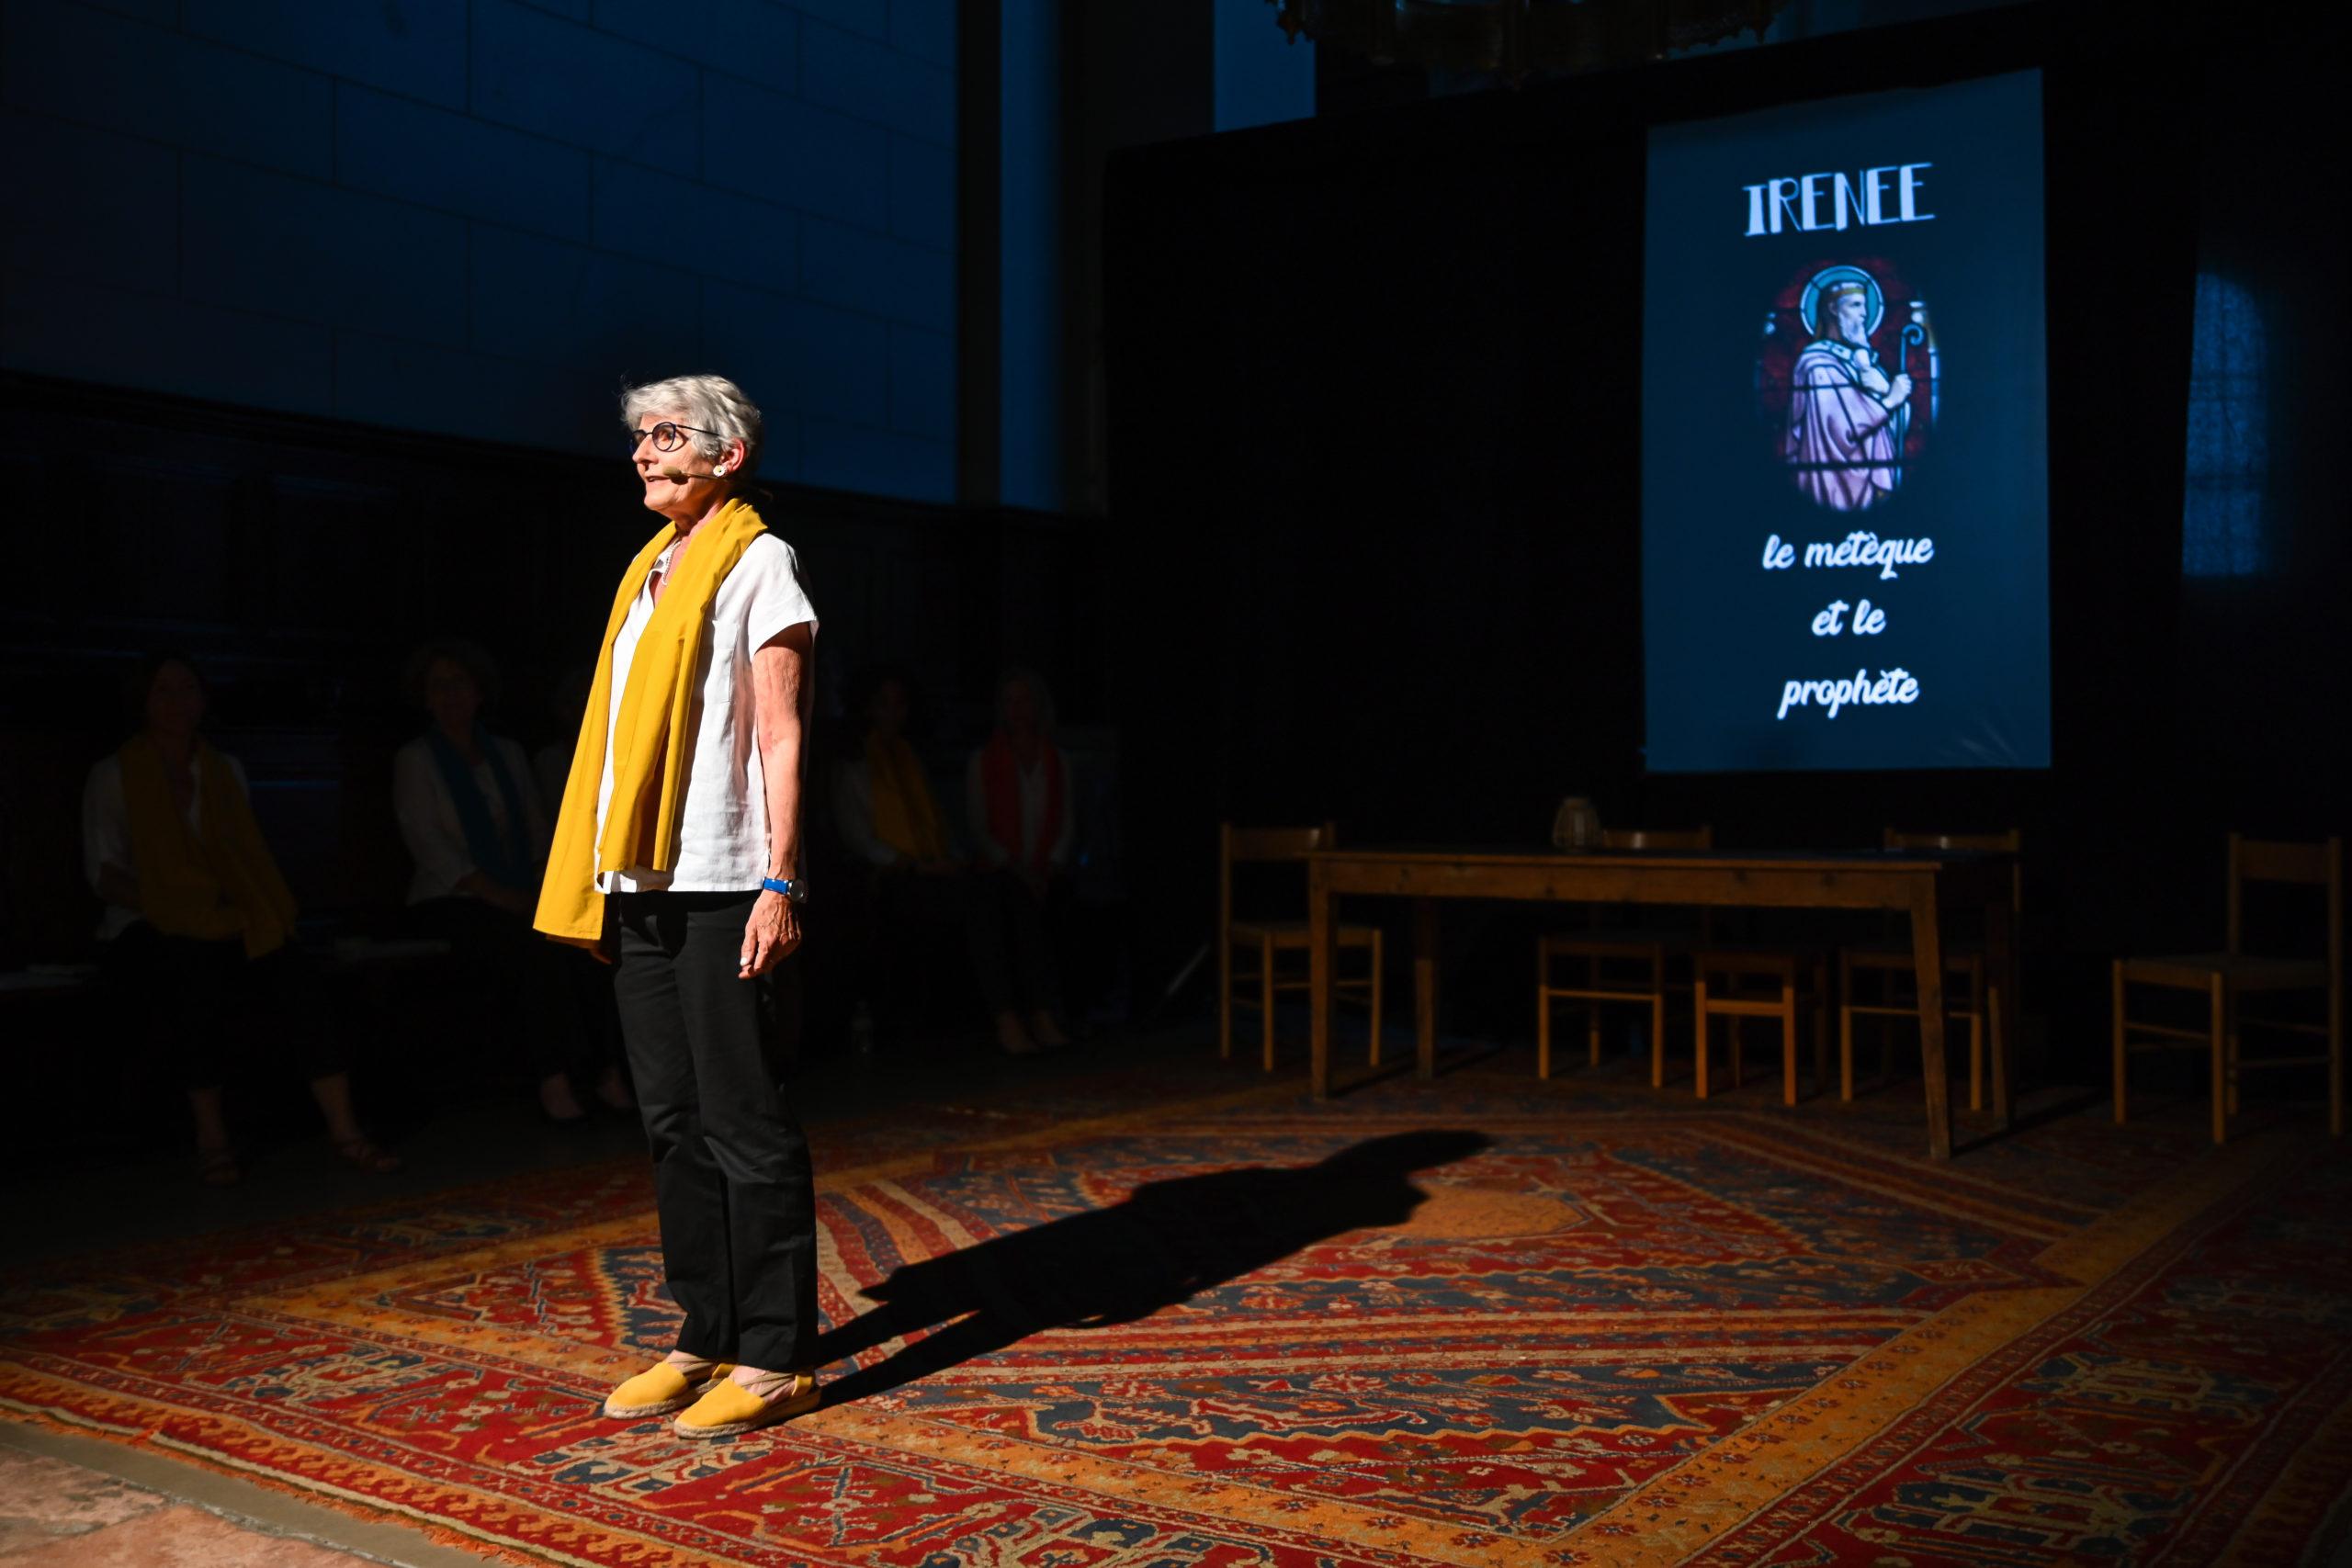 Irénée Le Métèque et le Prophète : le spectacle complet disponible